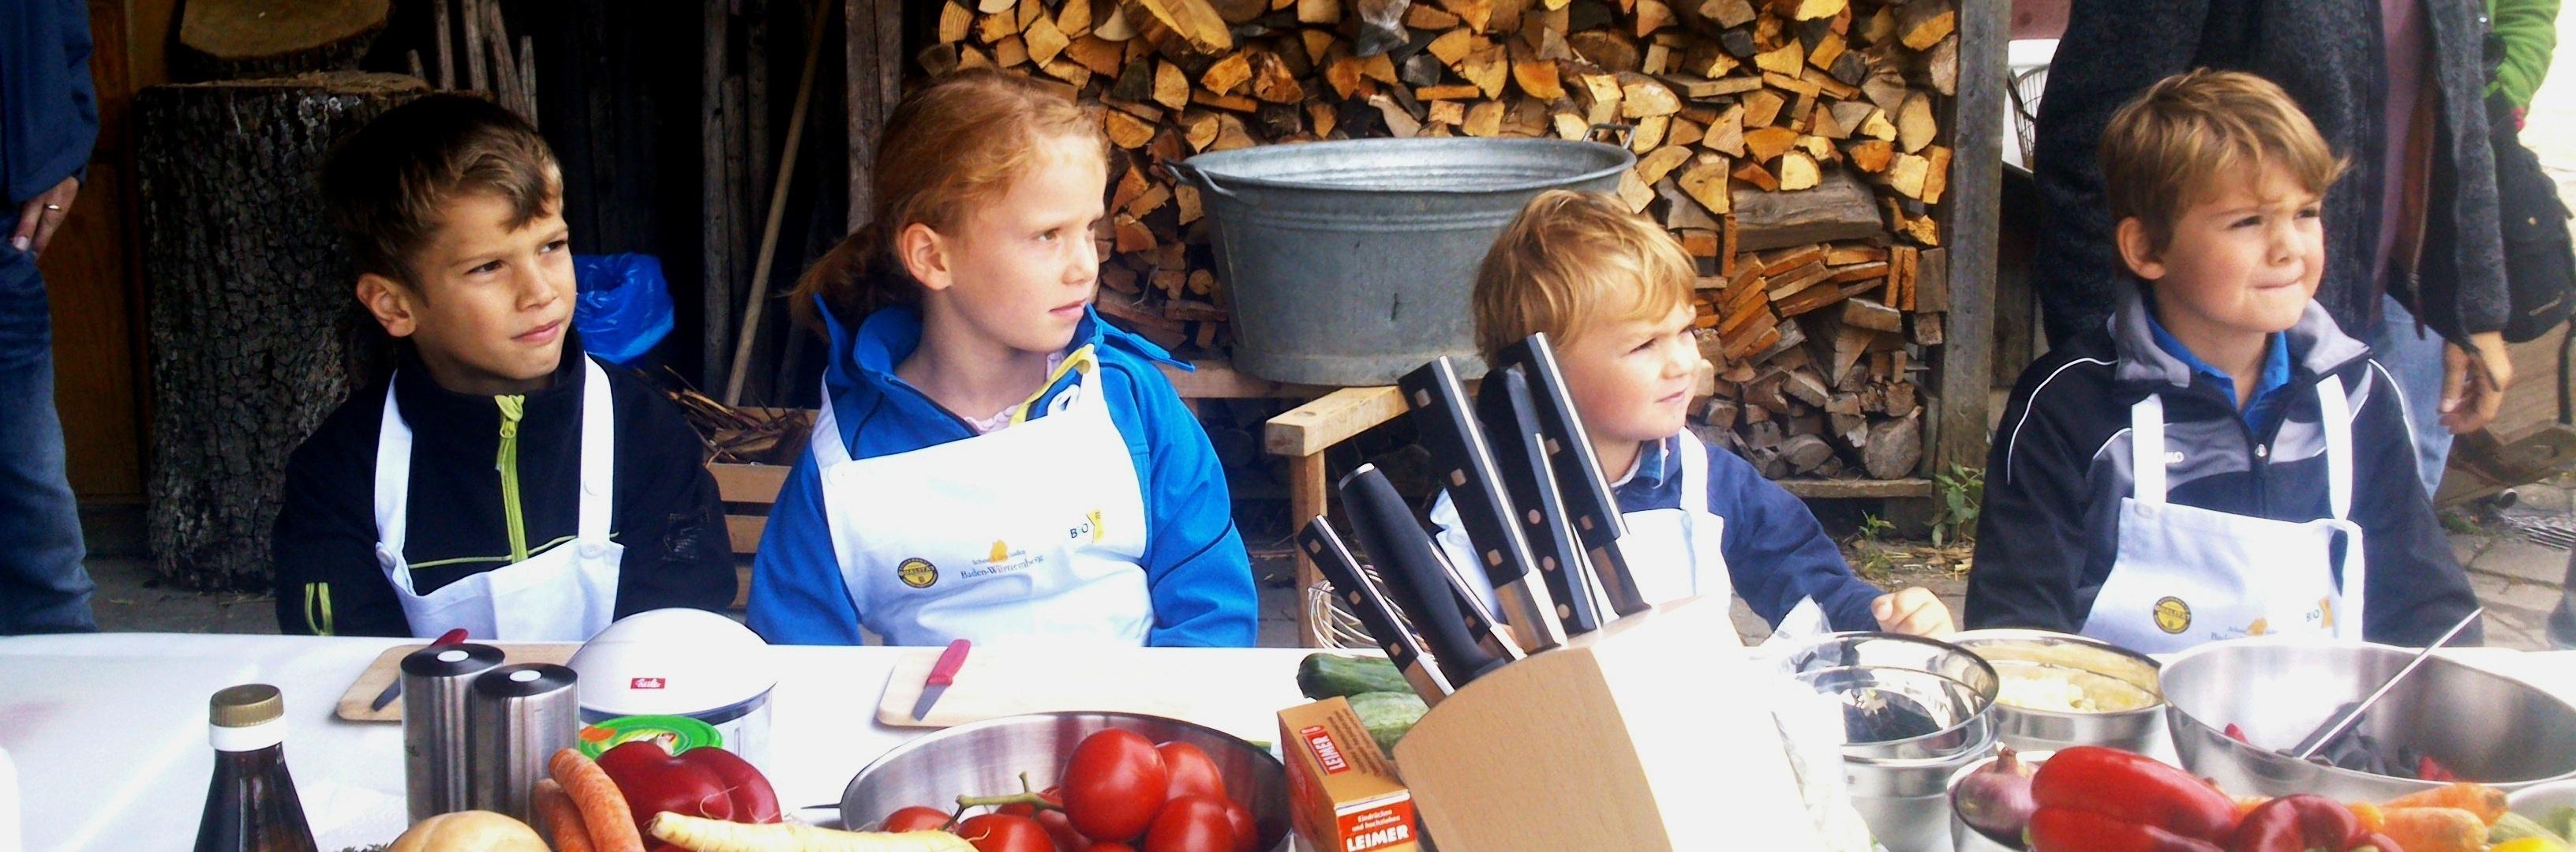 Bild Kinder und Jugendliche erleben und genießen regionale Spezialitäten